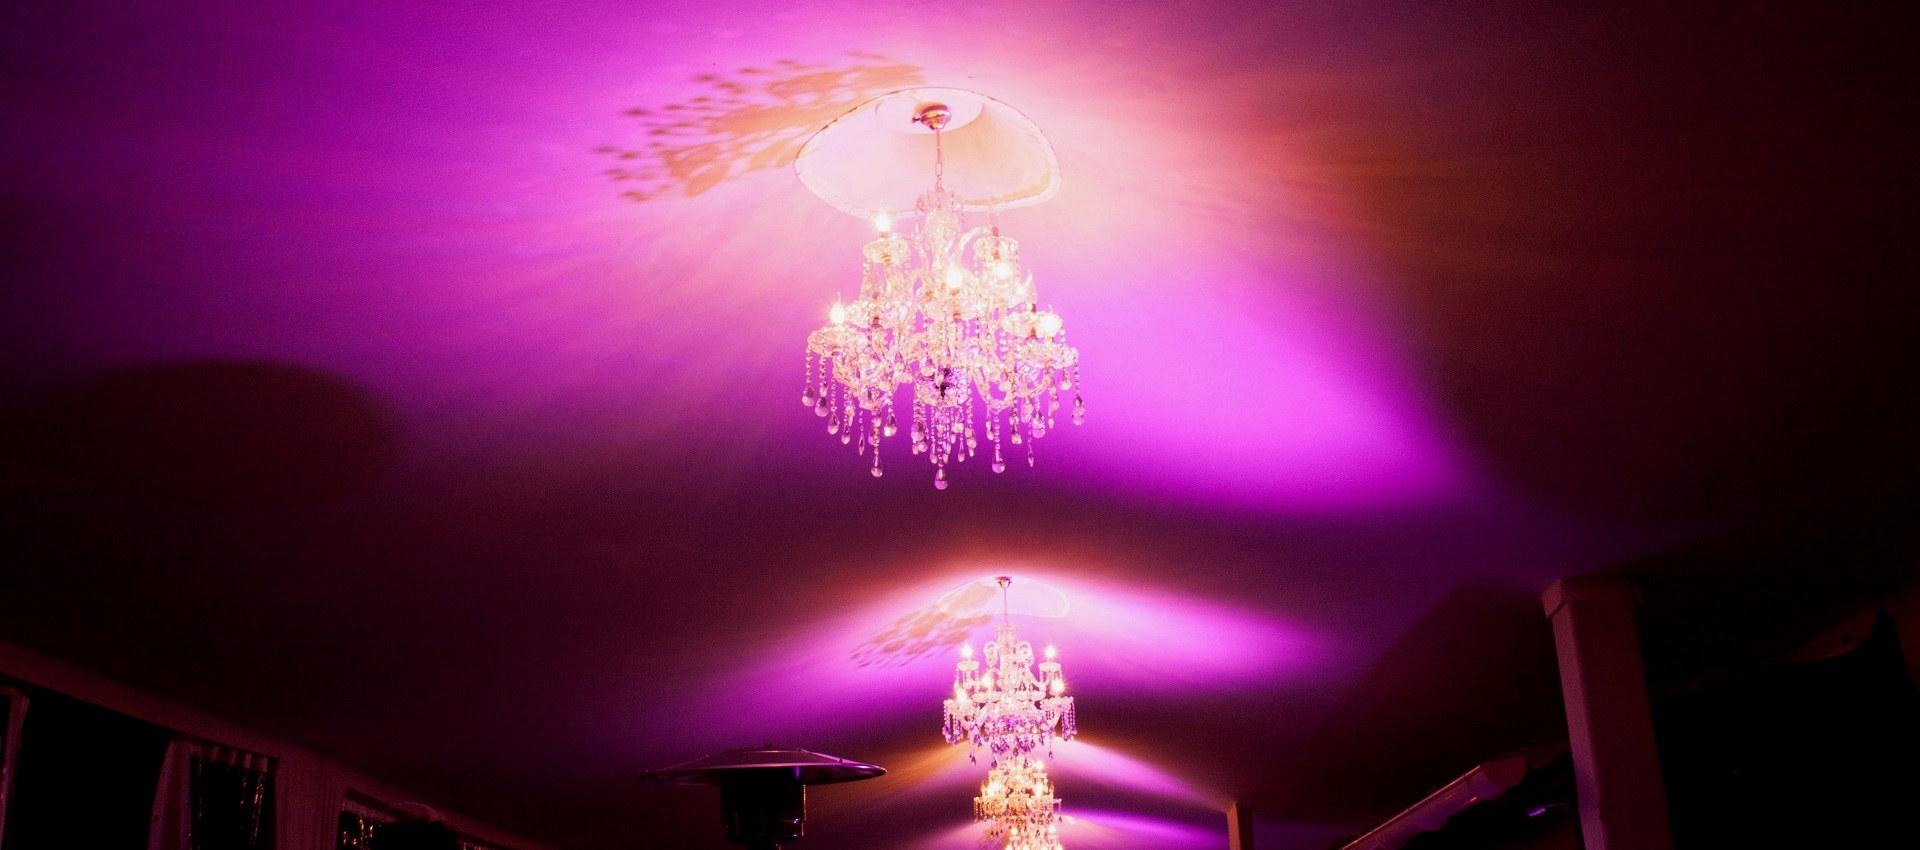 éclairage décoratif avec projecteurs à leds